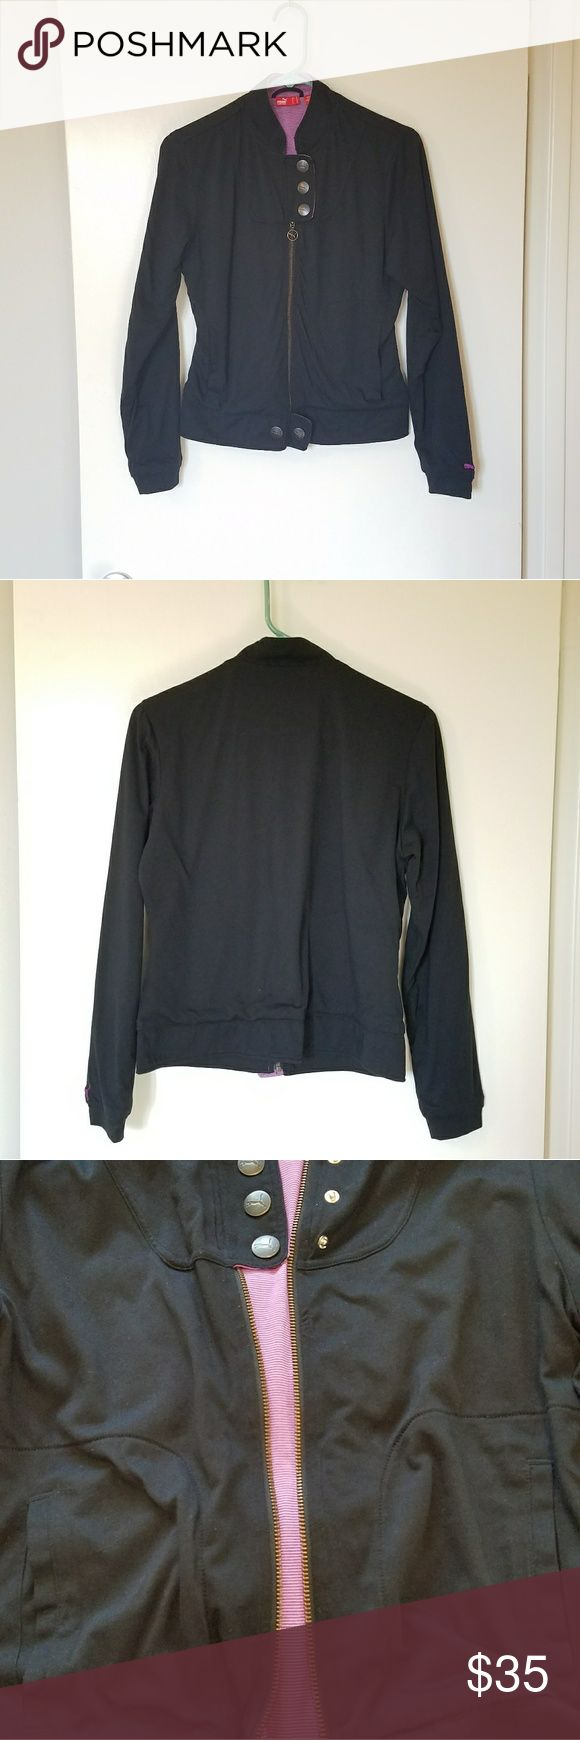 I just added this listing on Poshmark: Puma black purple work out jacket M. #shopmycloset #poshmark #fashion #shopping #style #forsale #Puma #Jackets & Blazers